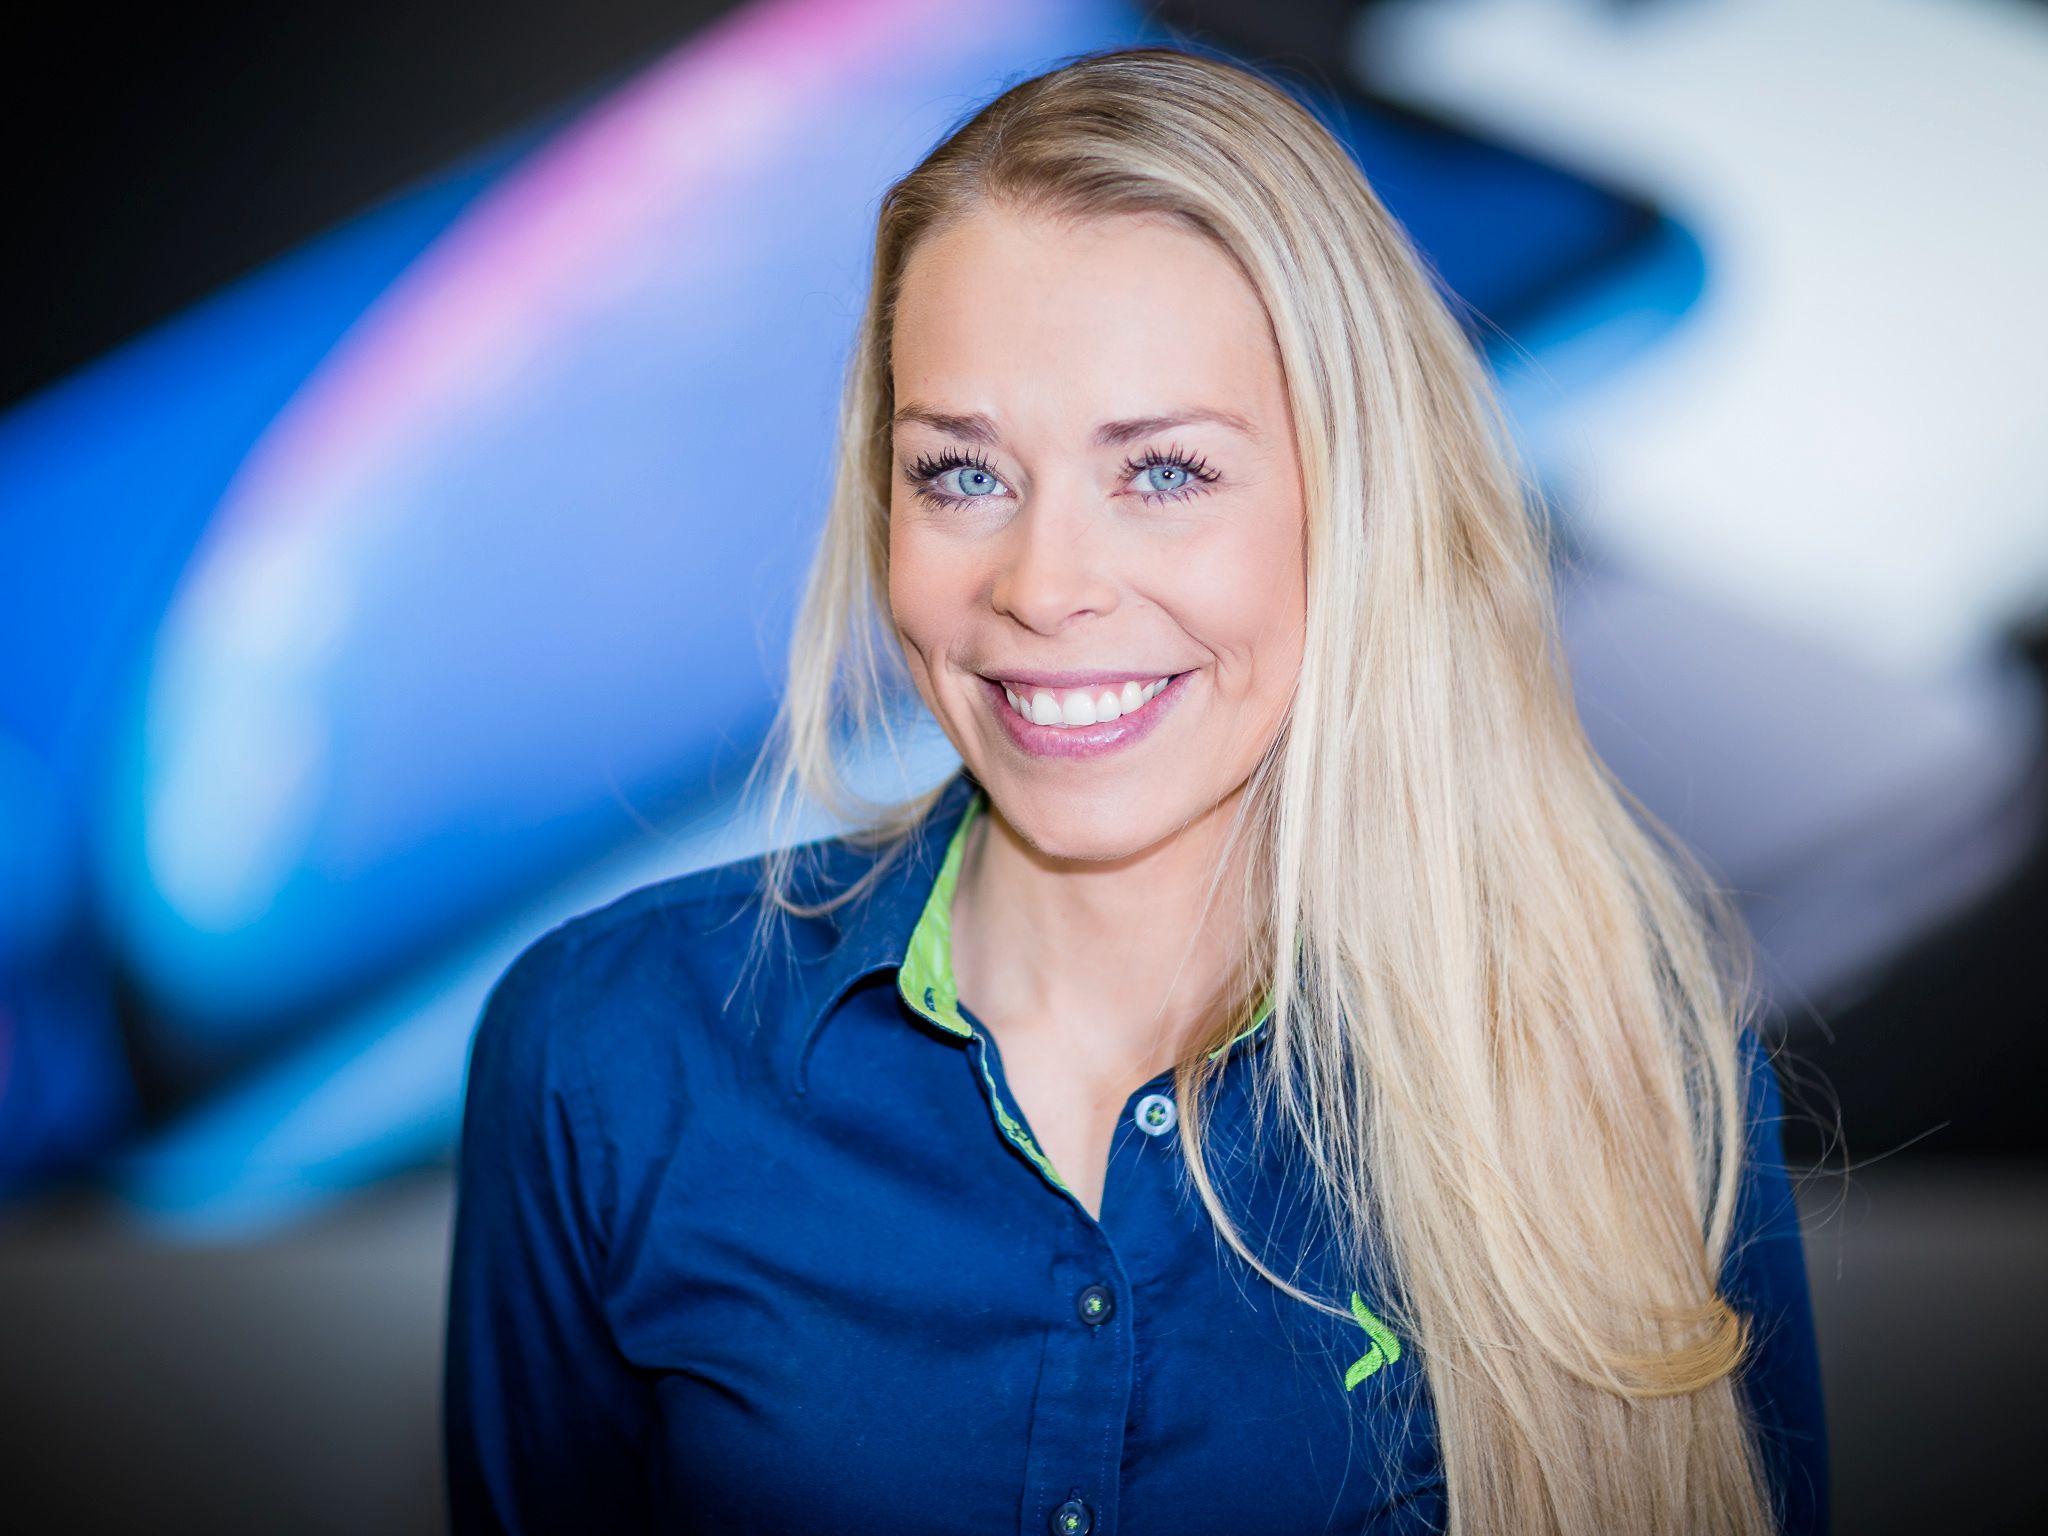 Huawei-salget har gått ned hos Elkjøp denne uken, bekrefter Madeleine Schøyen Bergly, kommunikasjonssjef hos Elkjøp Norge.